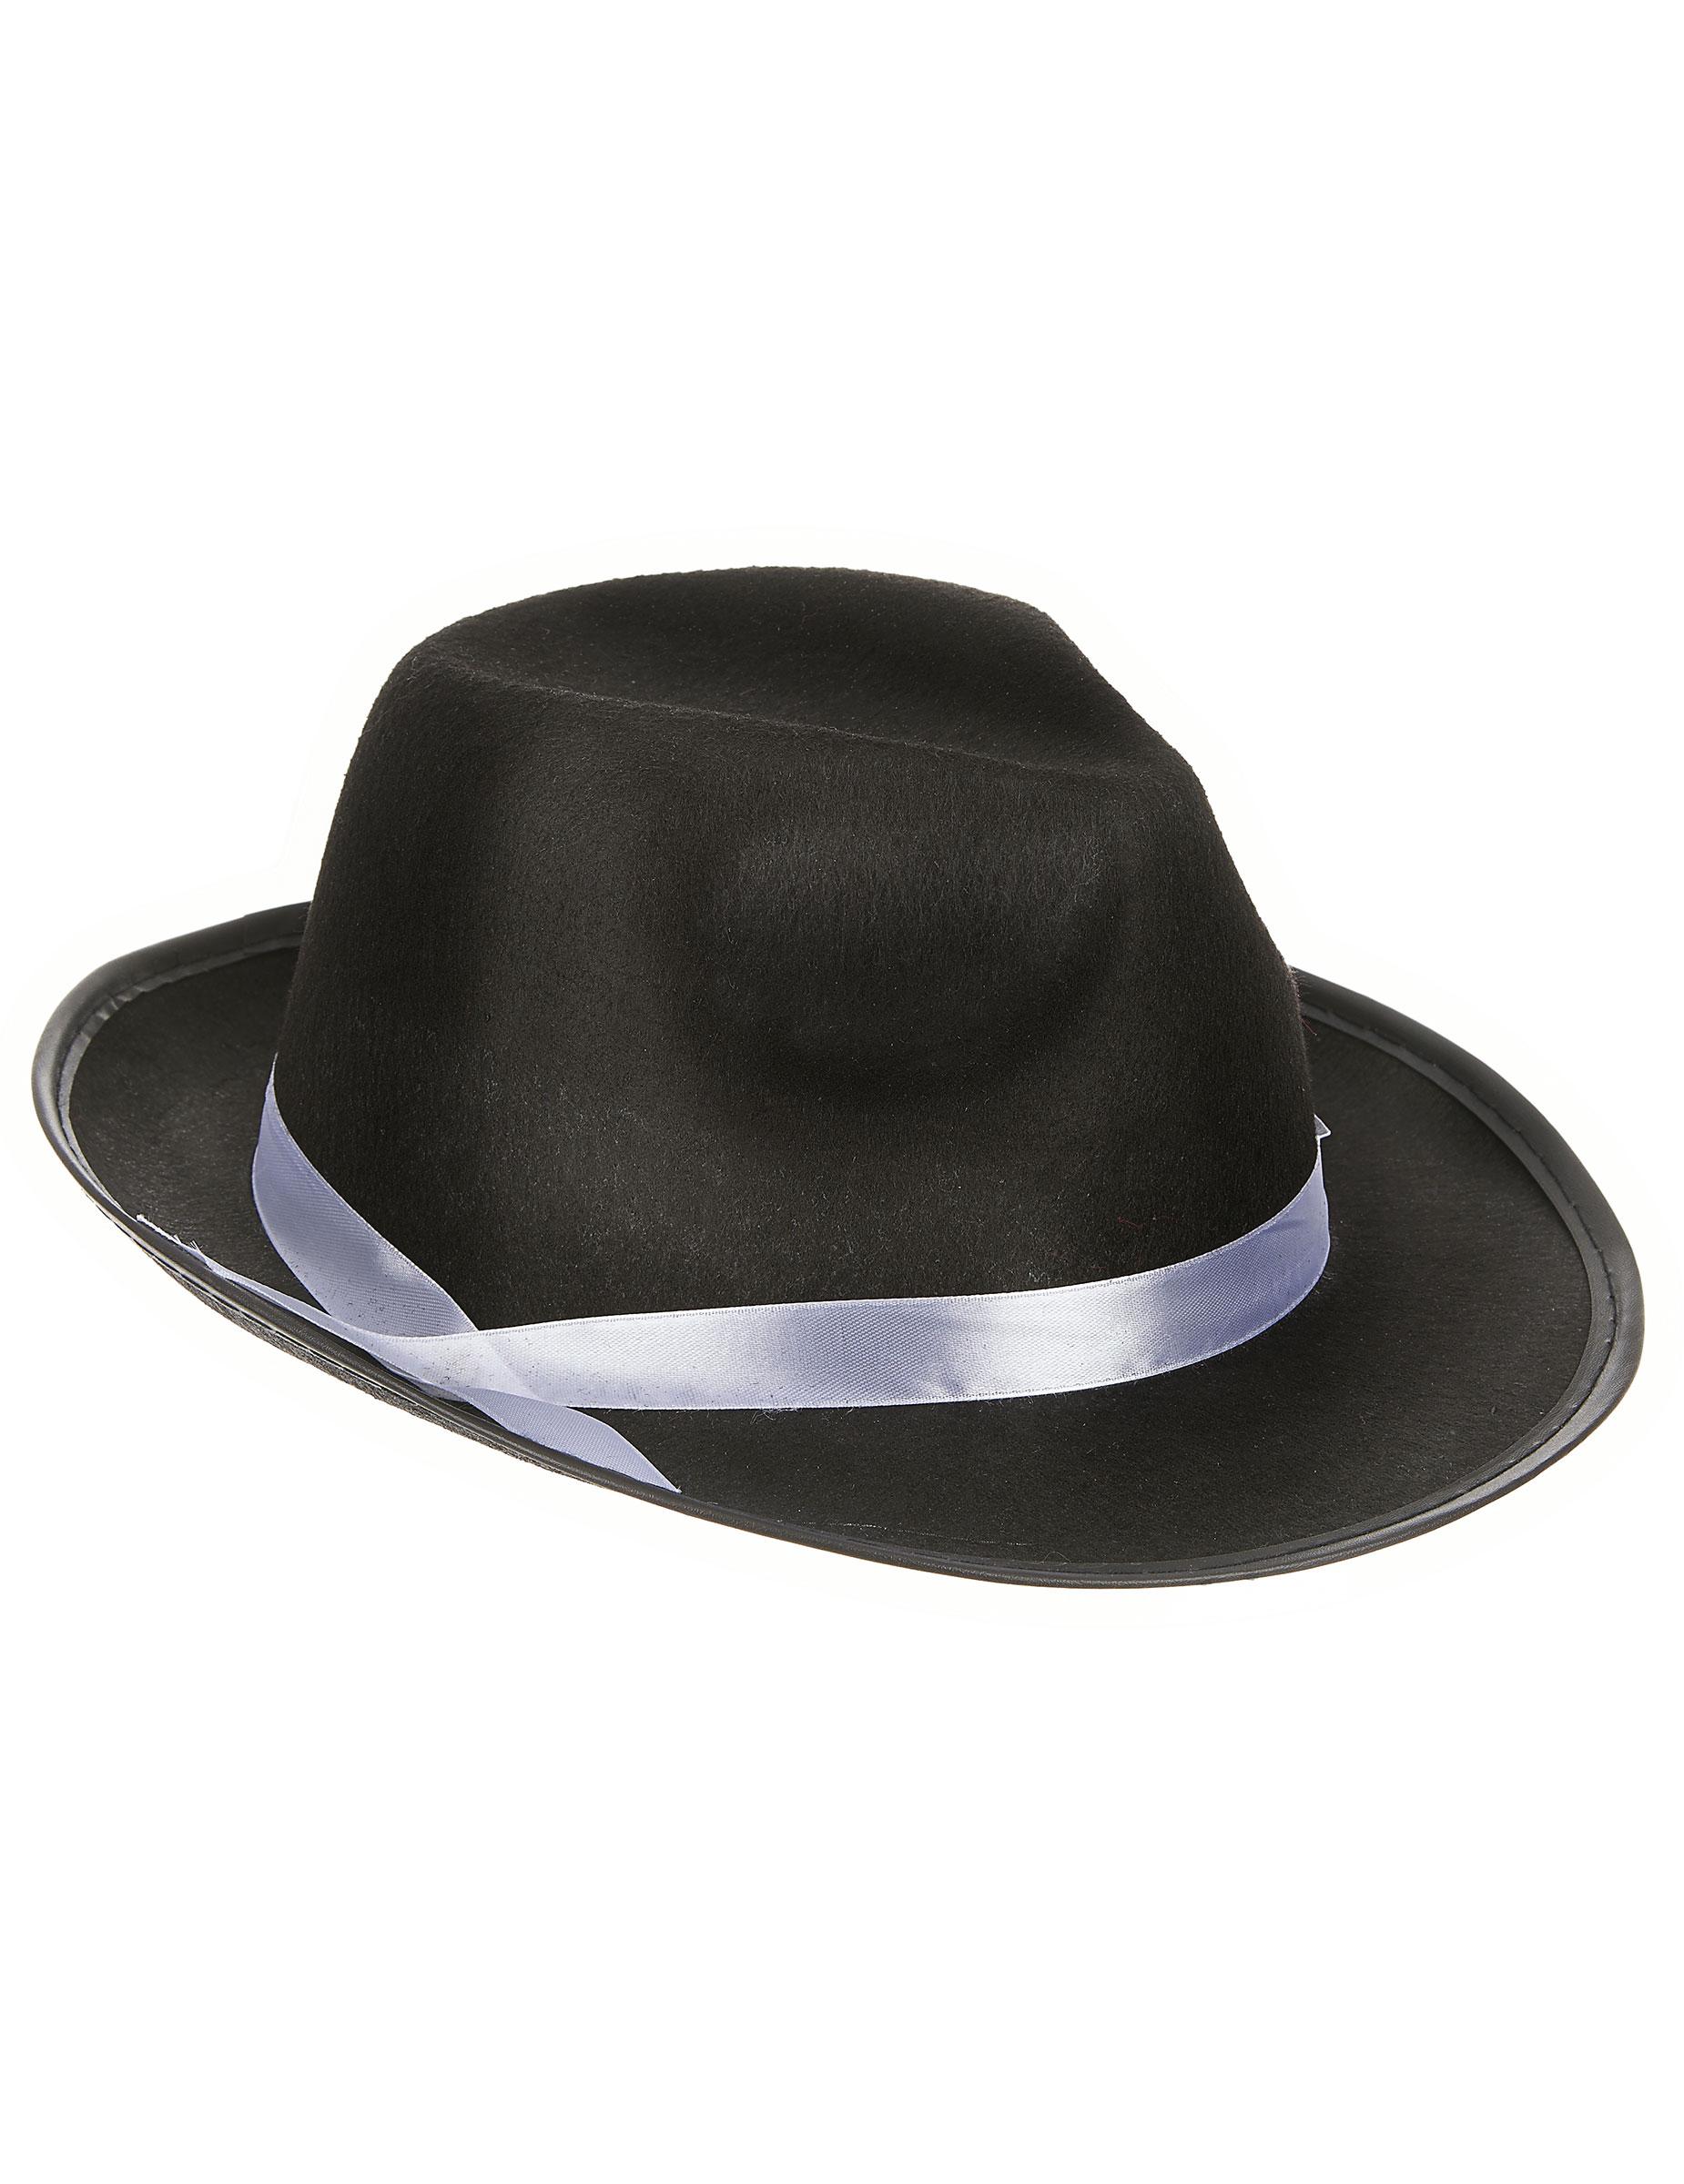 Cappello da gangster nero per adulto  Cappelli ce72ac168a7d